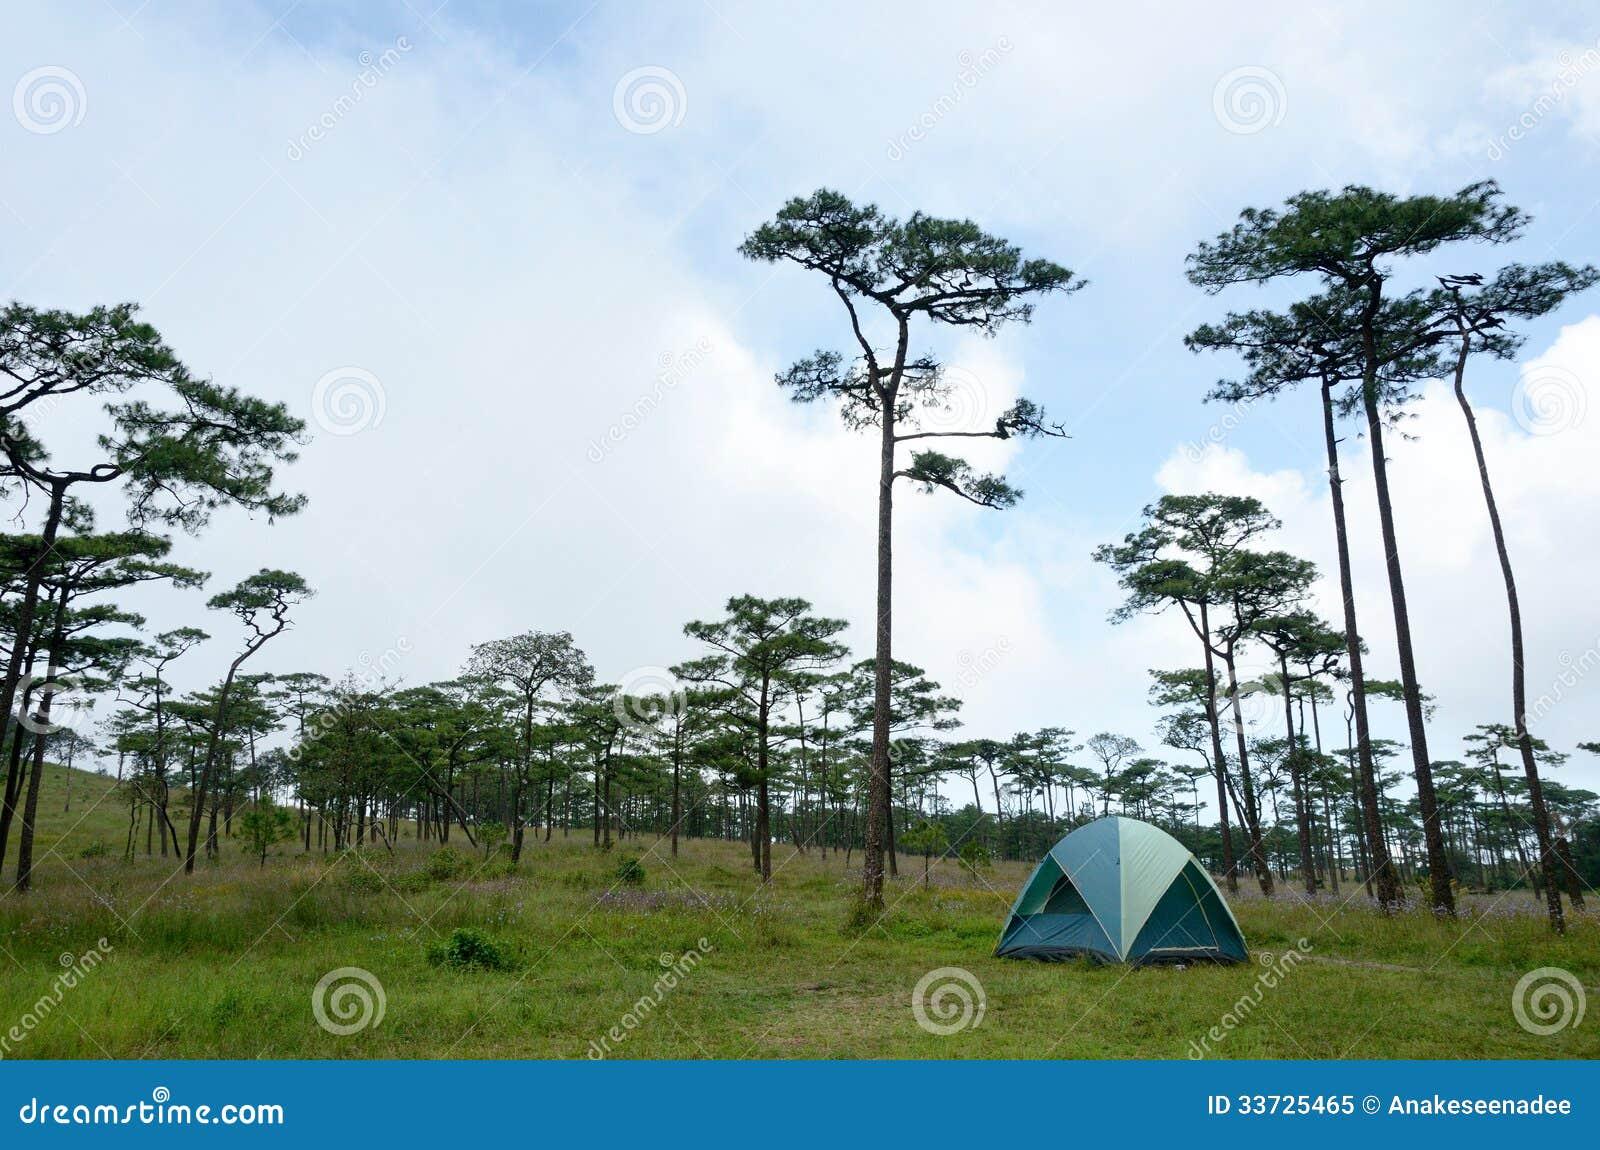 Располагаться лагерем